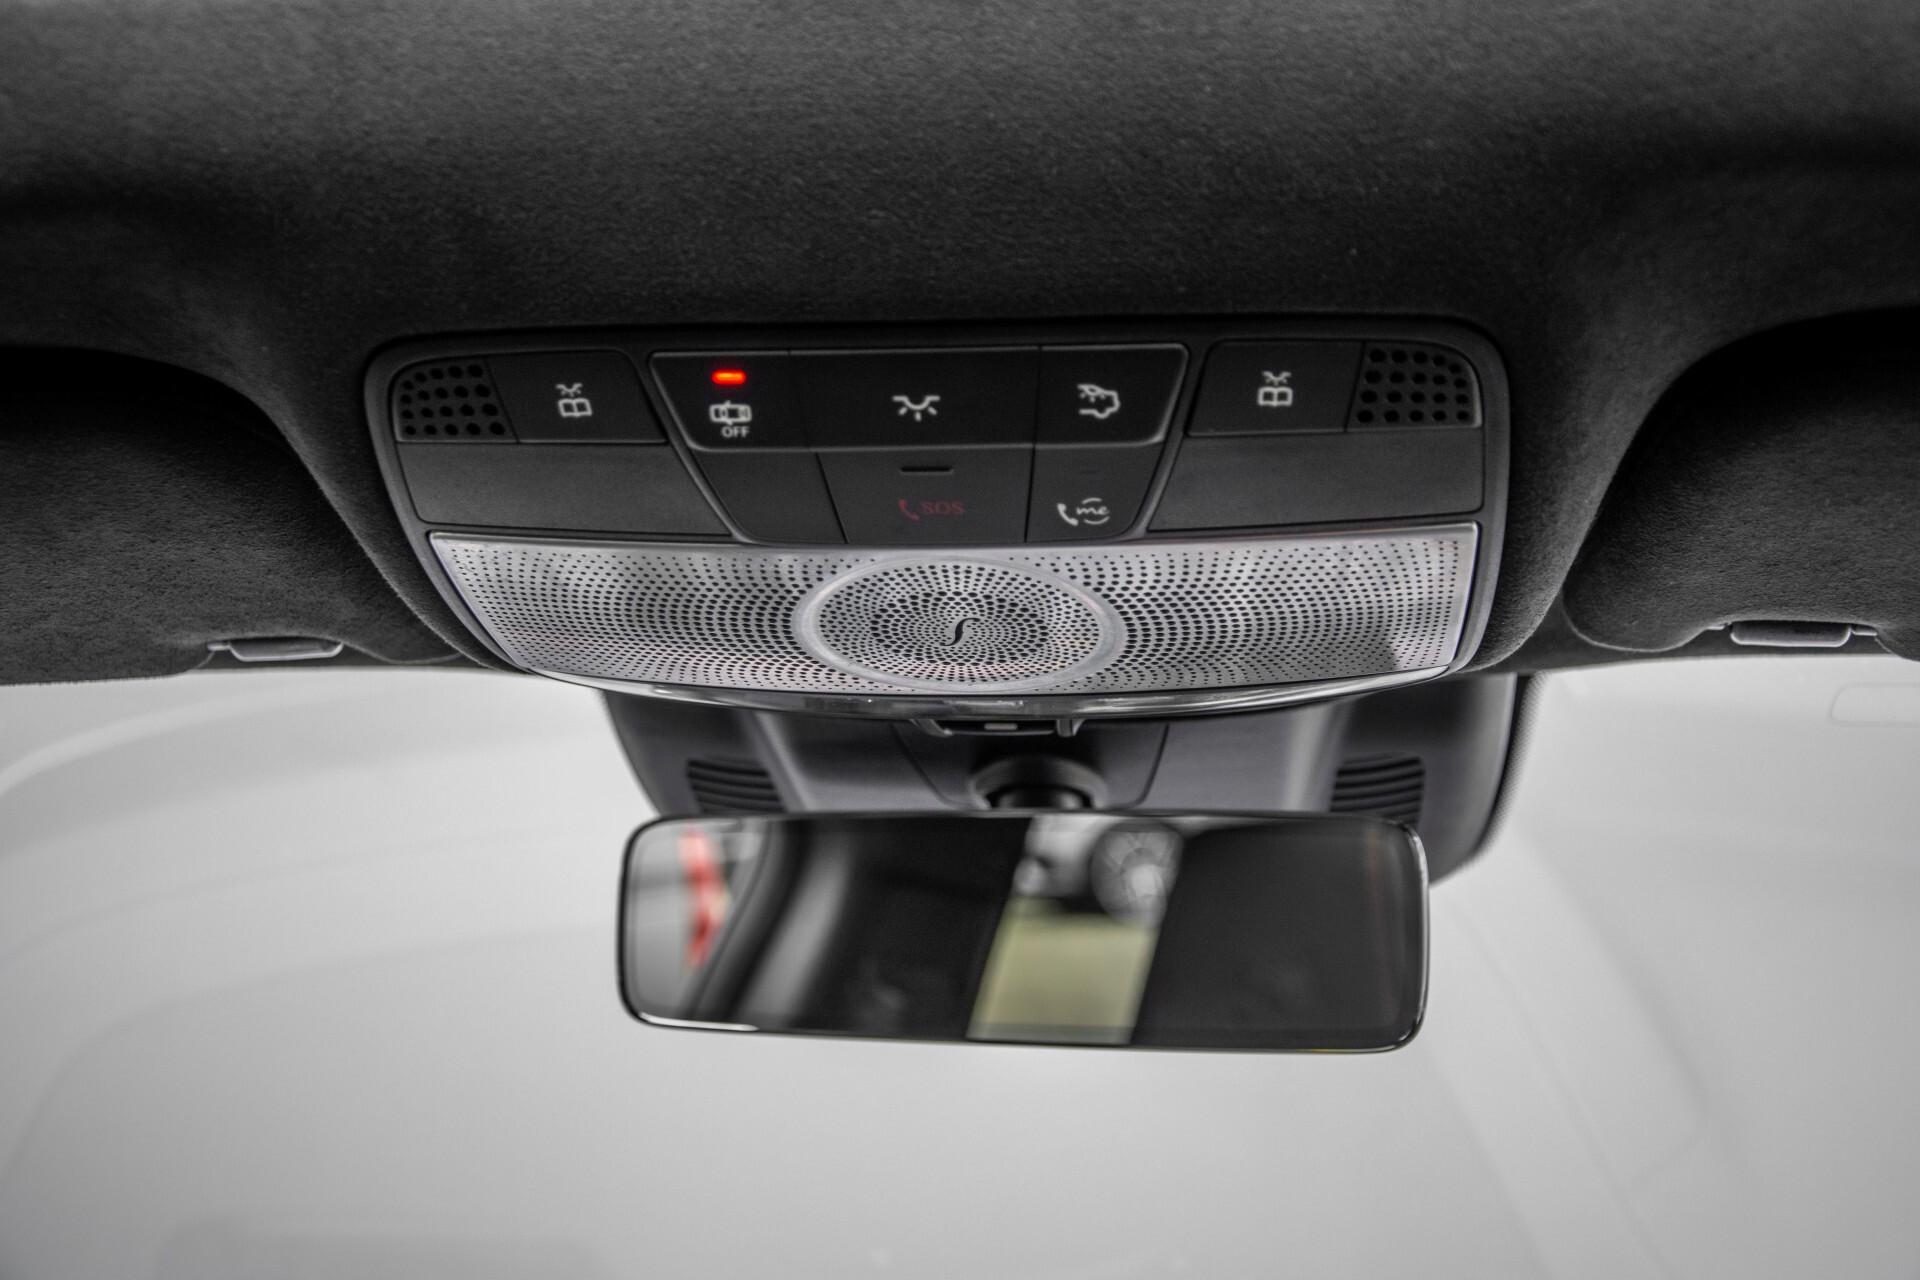 Mercedes-Benz AMG GT 4-Door Coupe 63 S 4M+ Keramisch/Full Carbon/Aerodynamica/Burmester 3D/TV/Performance stoelen/Standkachel Aut9 Foto 64